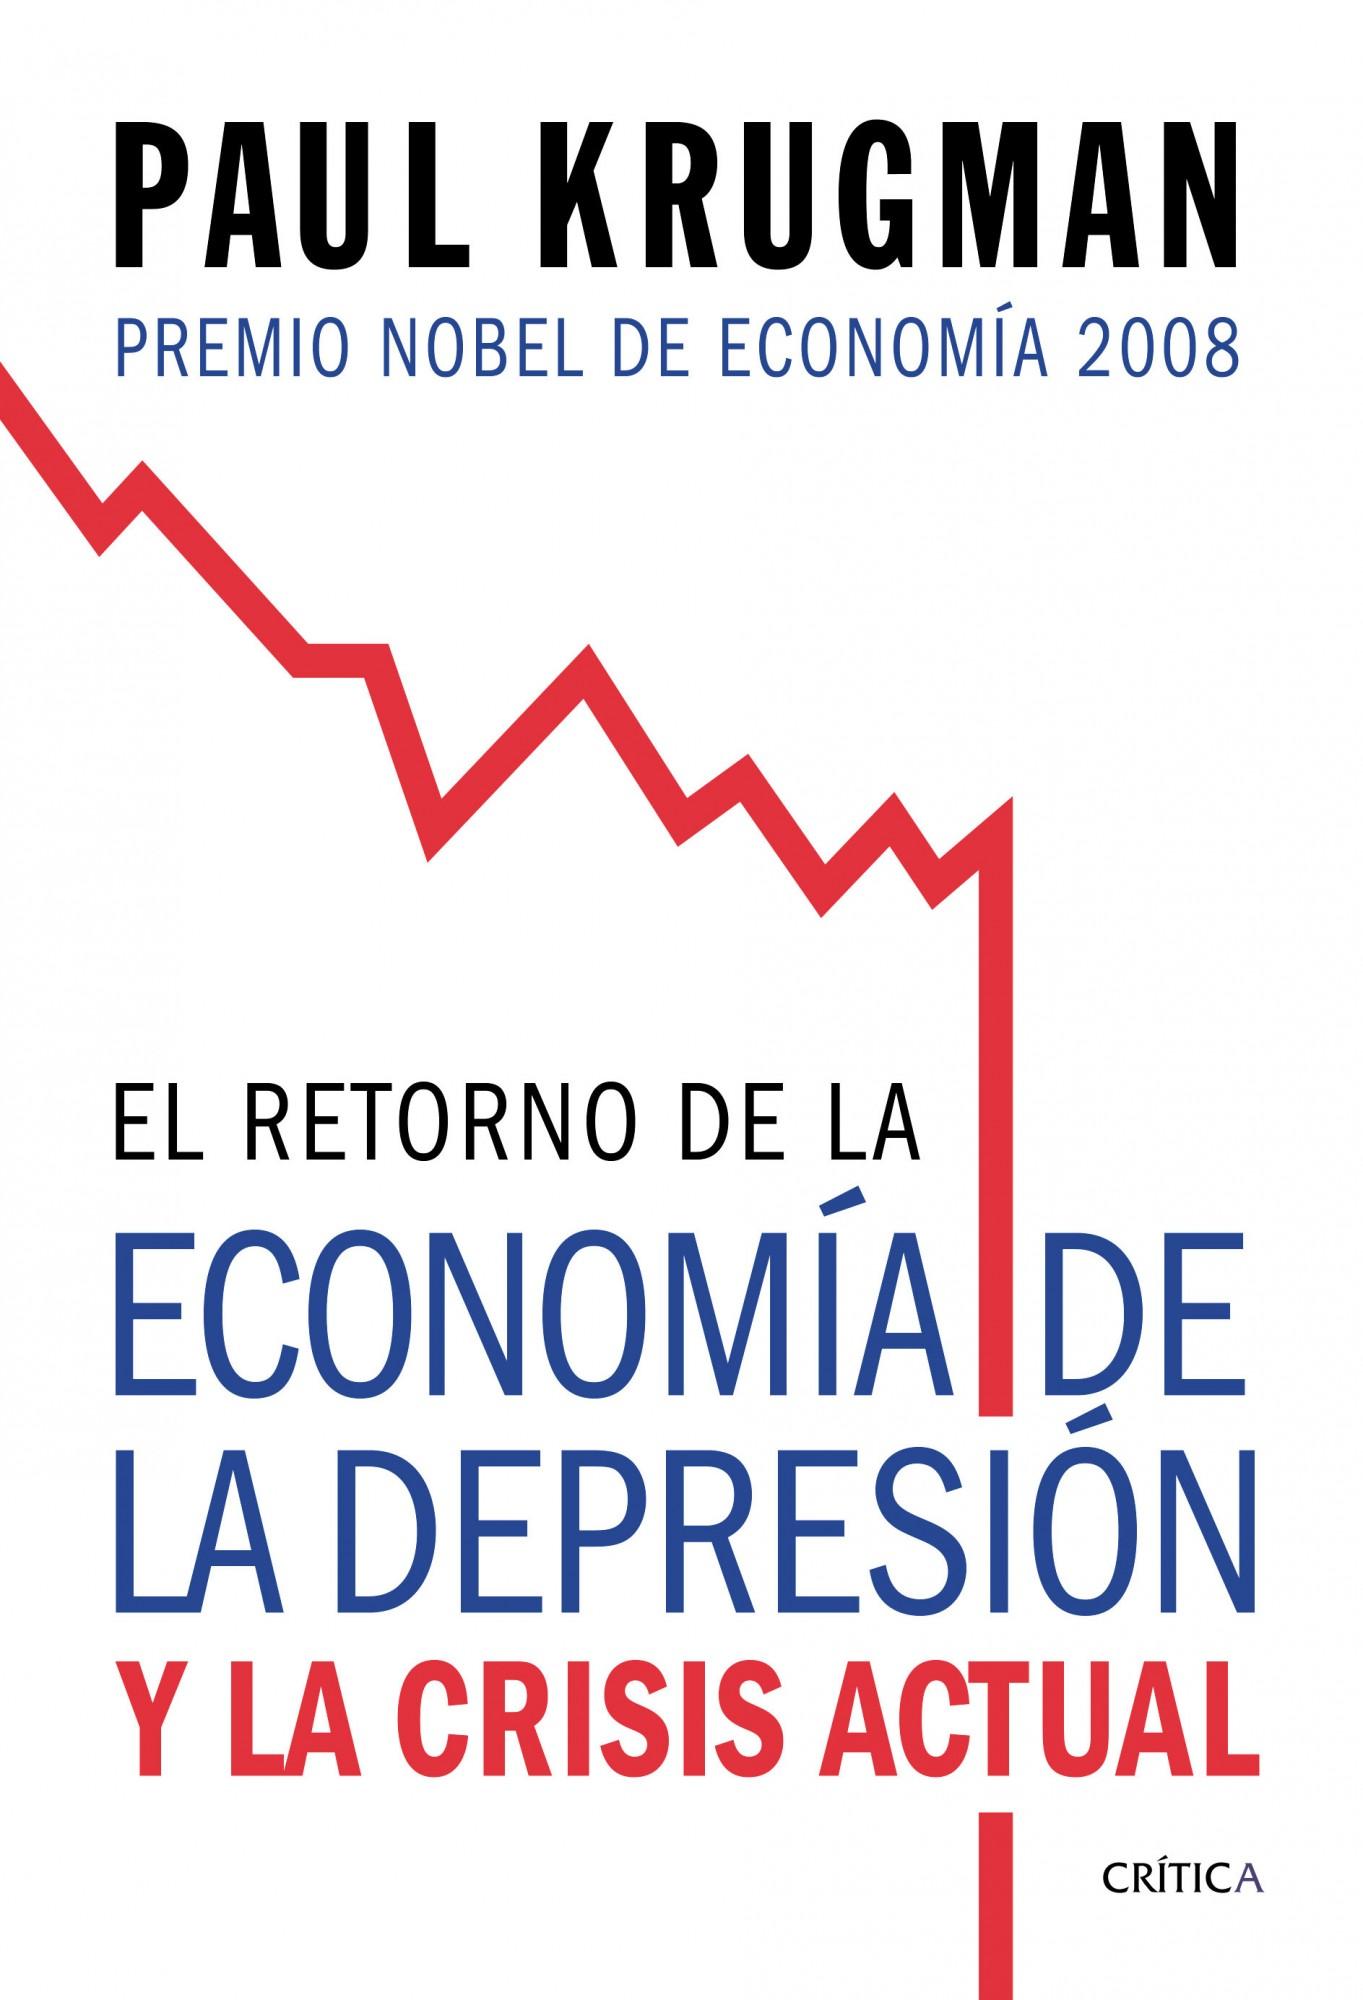 El retorno de la economia de la depresion y la crisis actual paul krugman